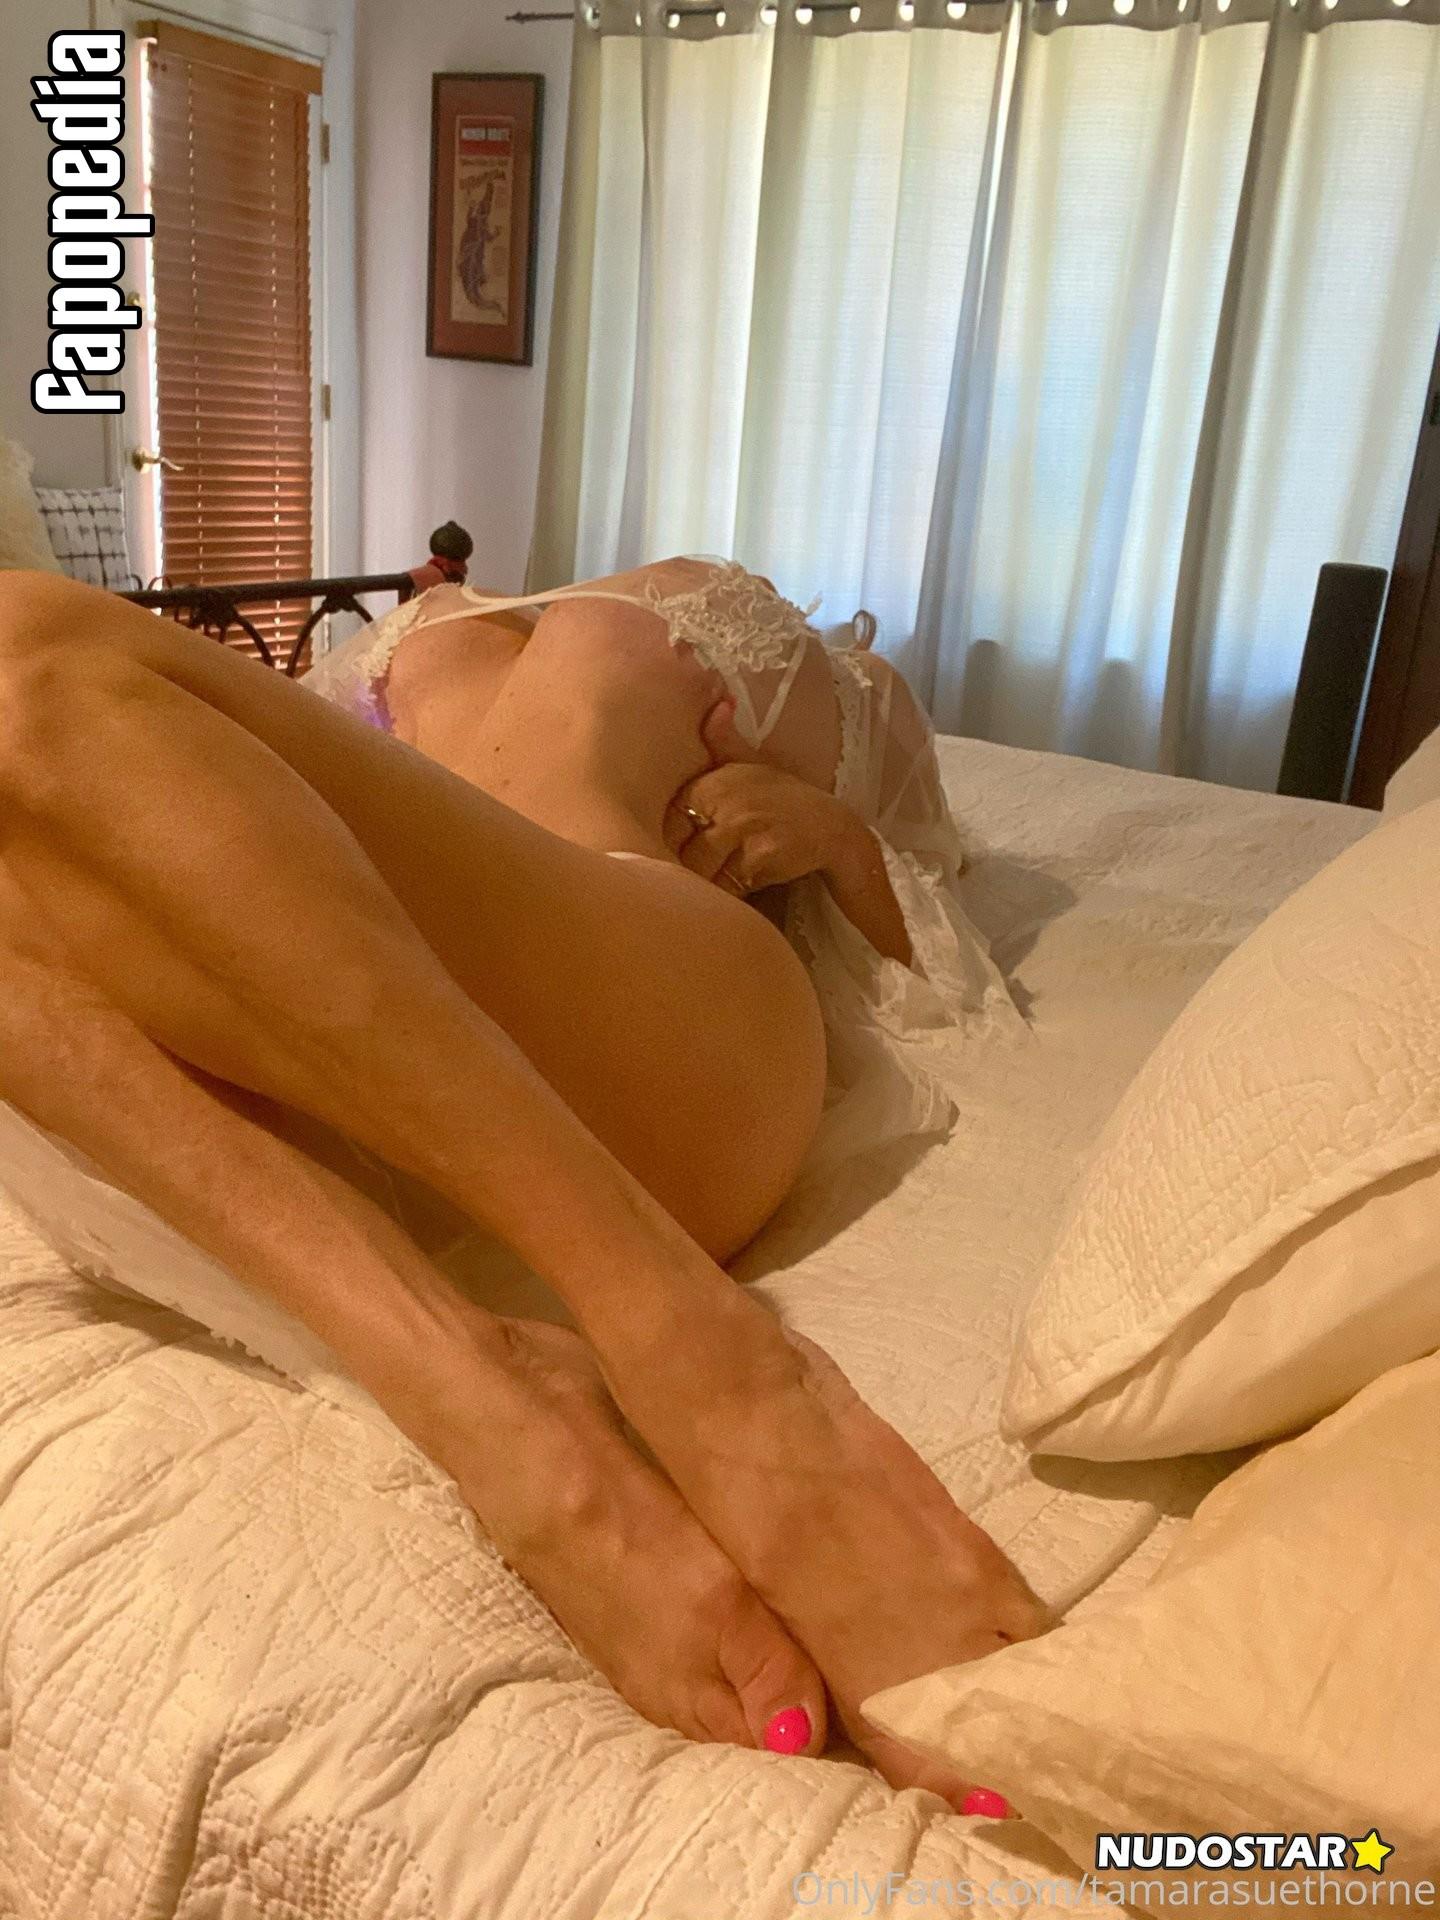 Tamara Sue Thorne Nude OnlyFans Leaks